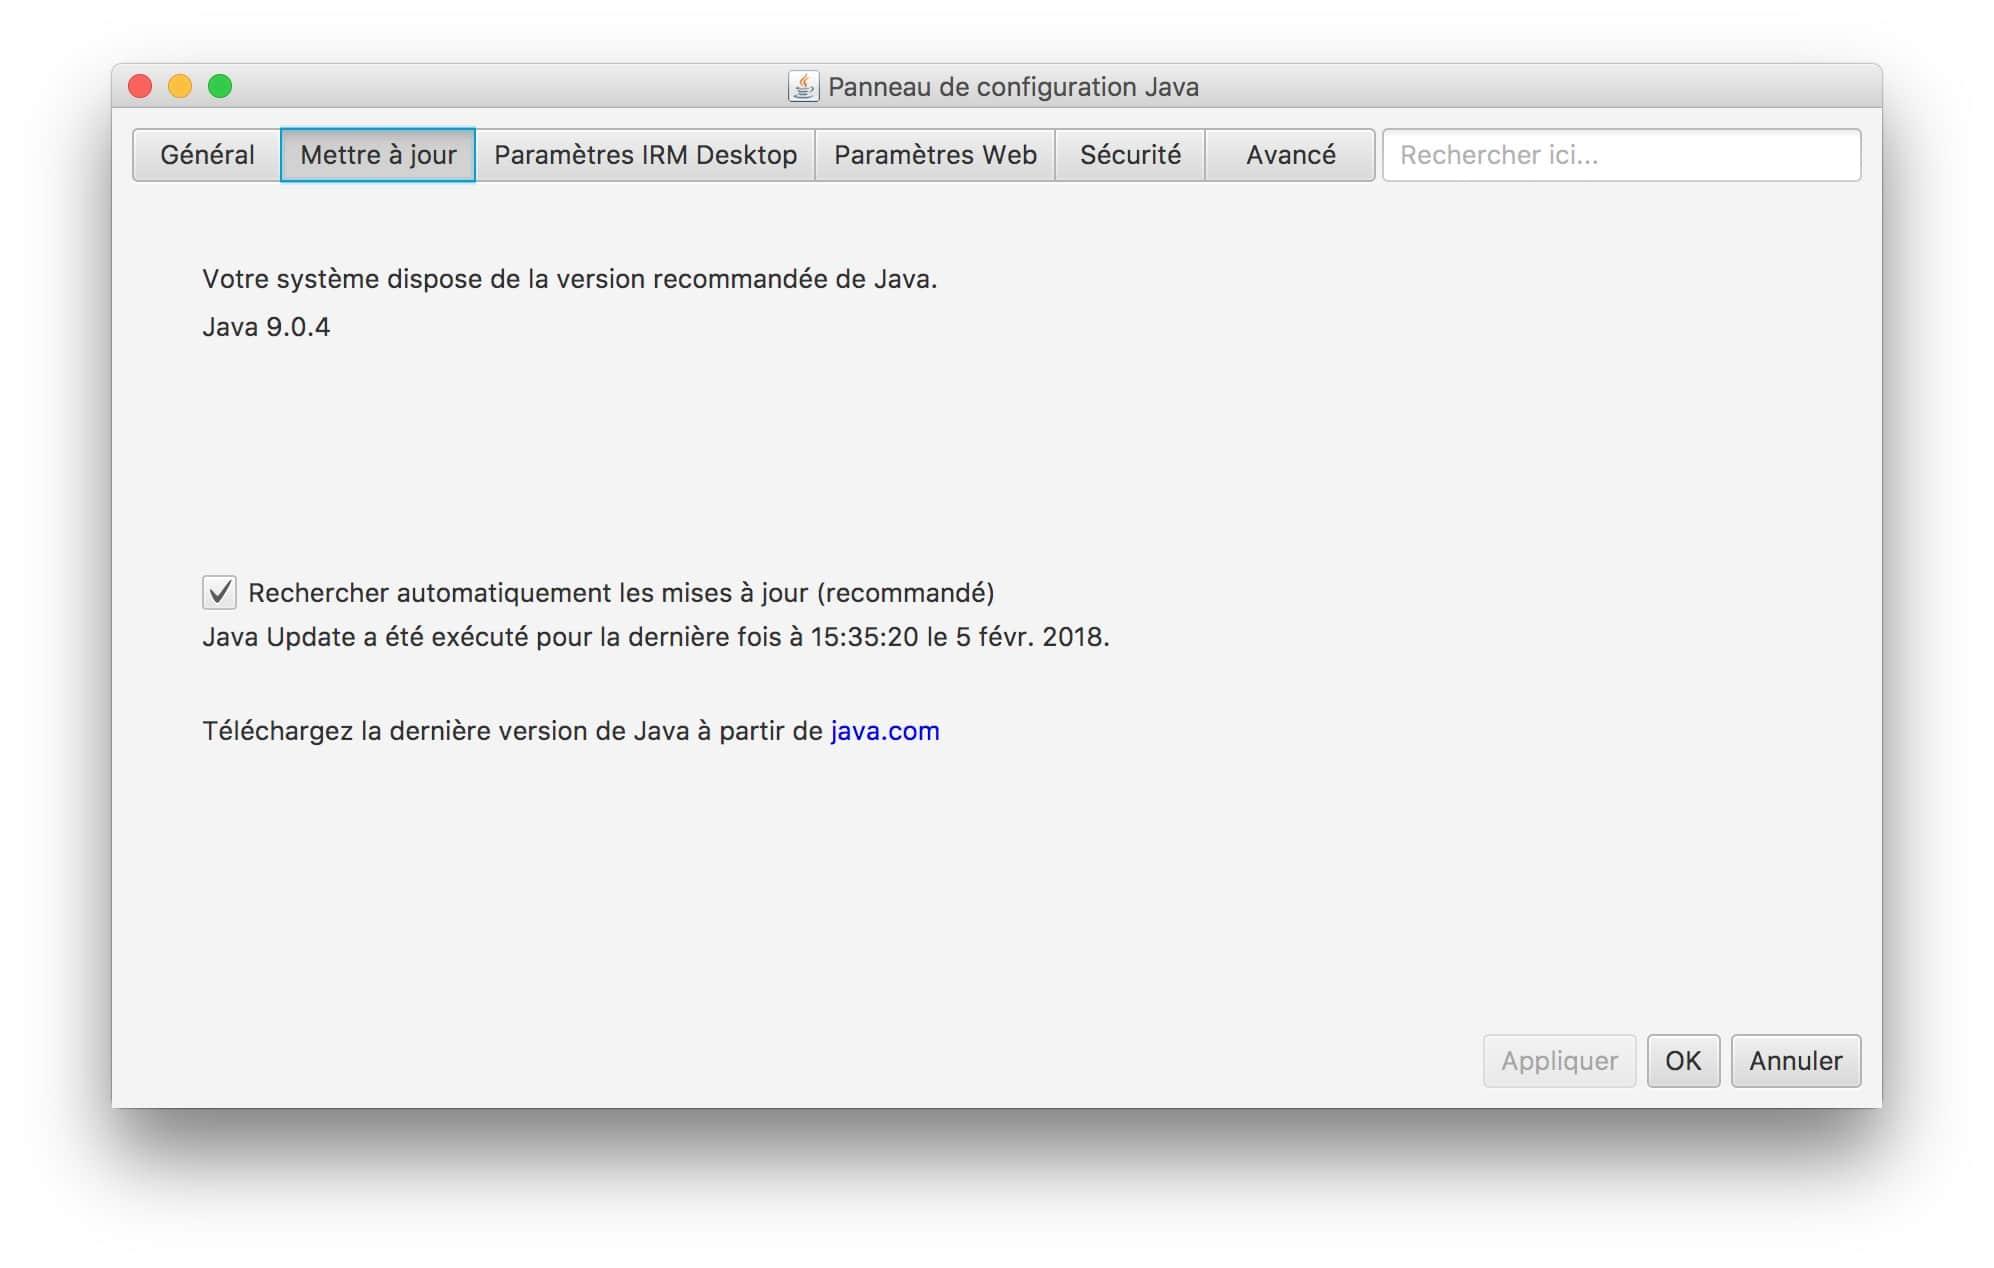 Instalación de Java macOS High Sierra (10.13) : instrucciones de uso